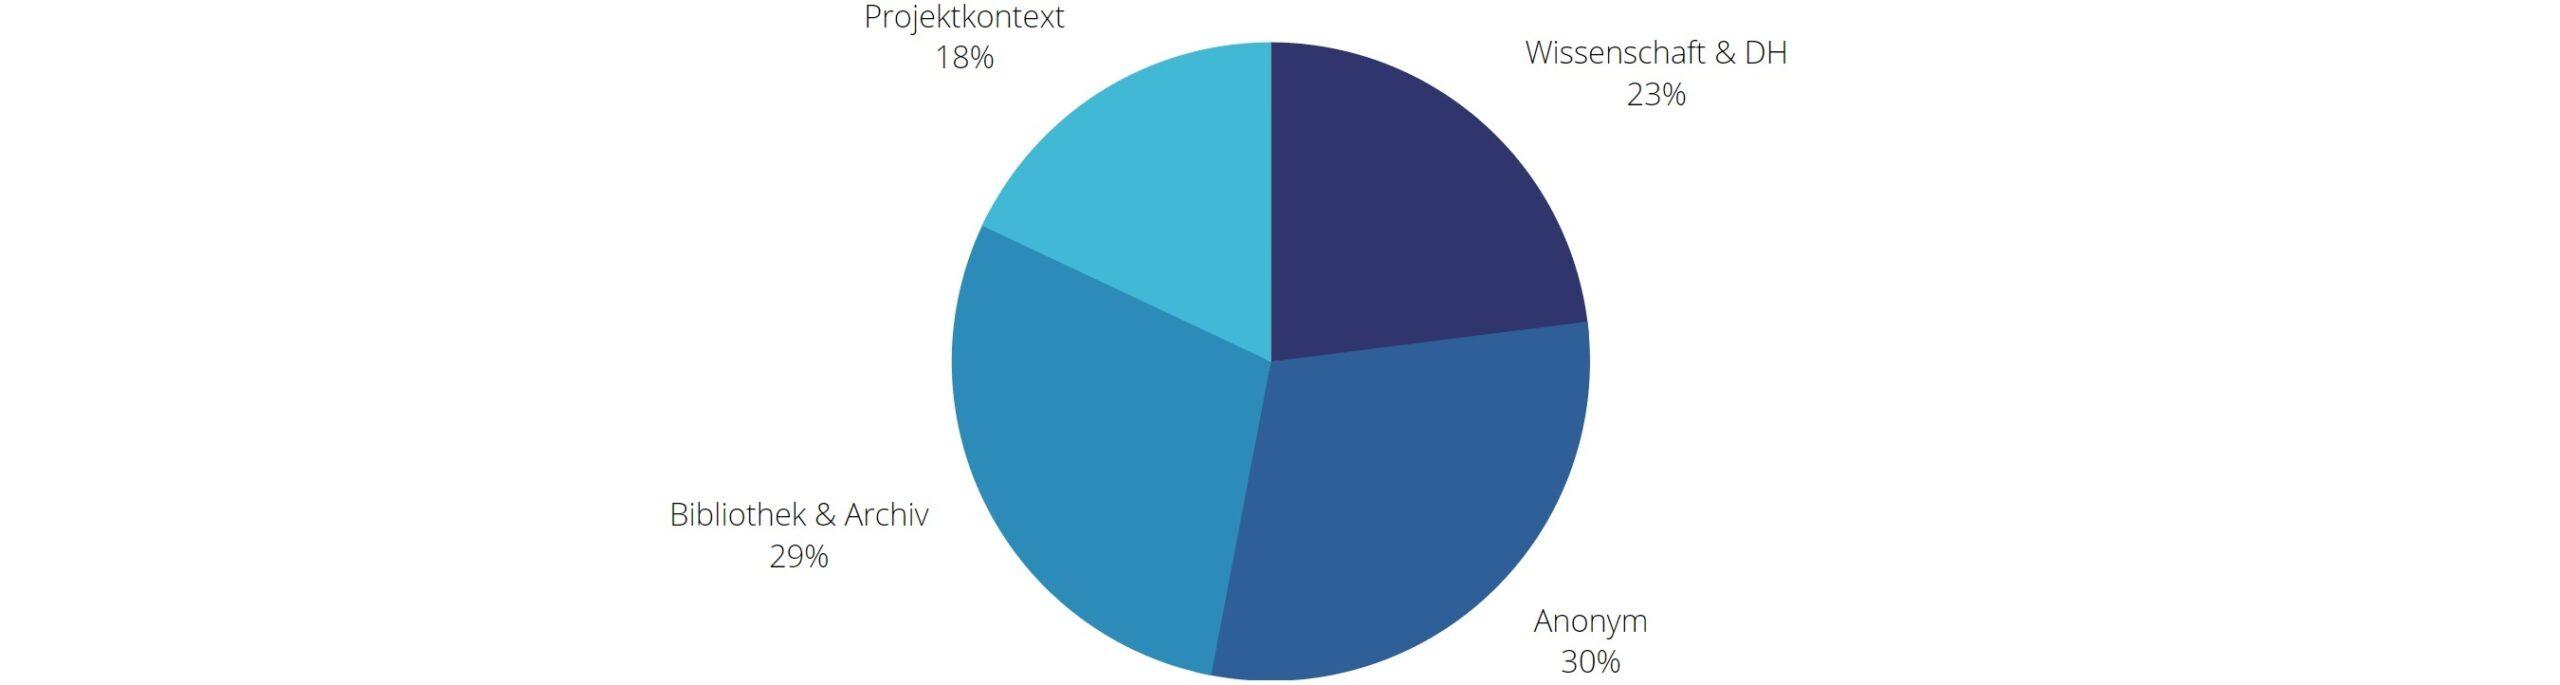 Fachbereiche der nicht-anonymen Feedbackgeber*innen